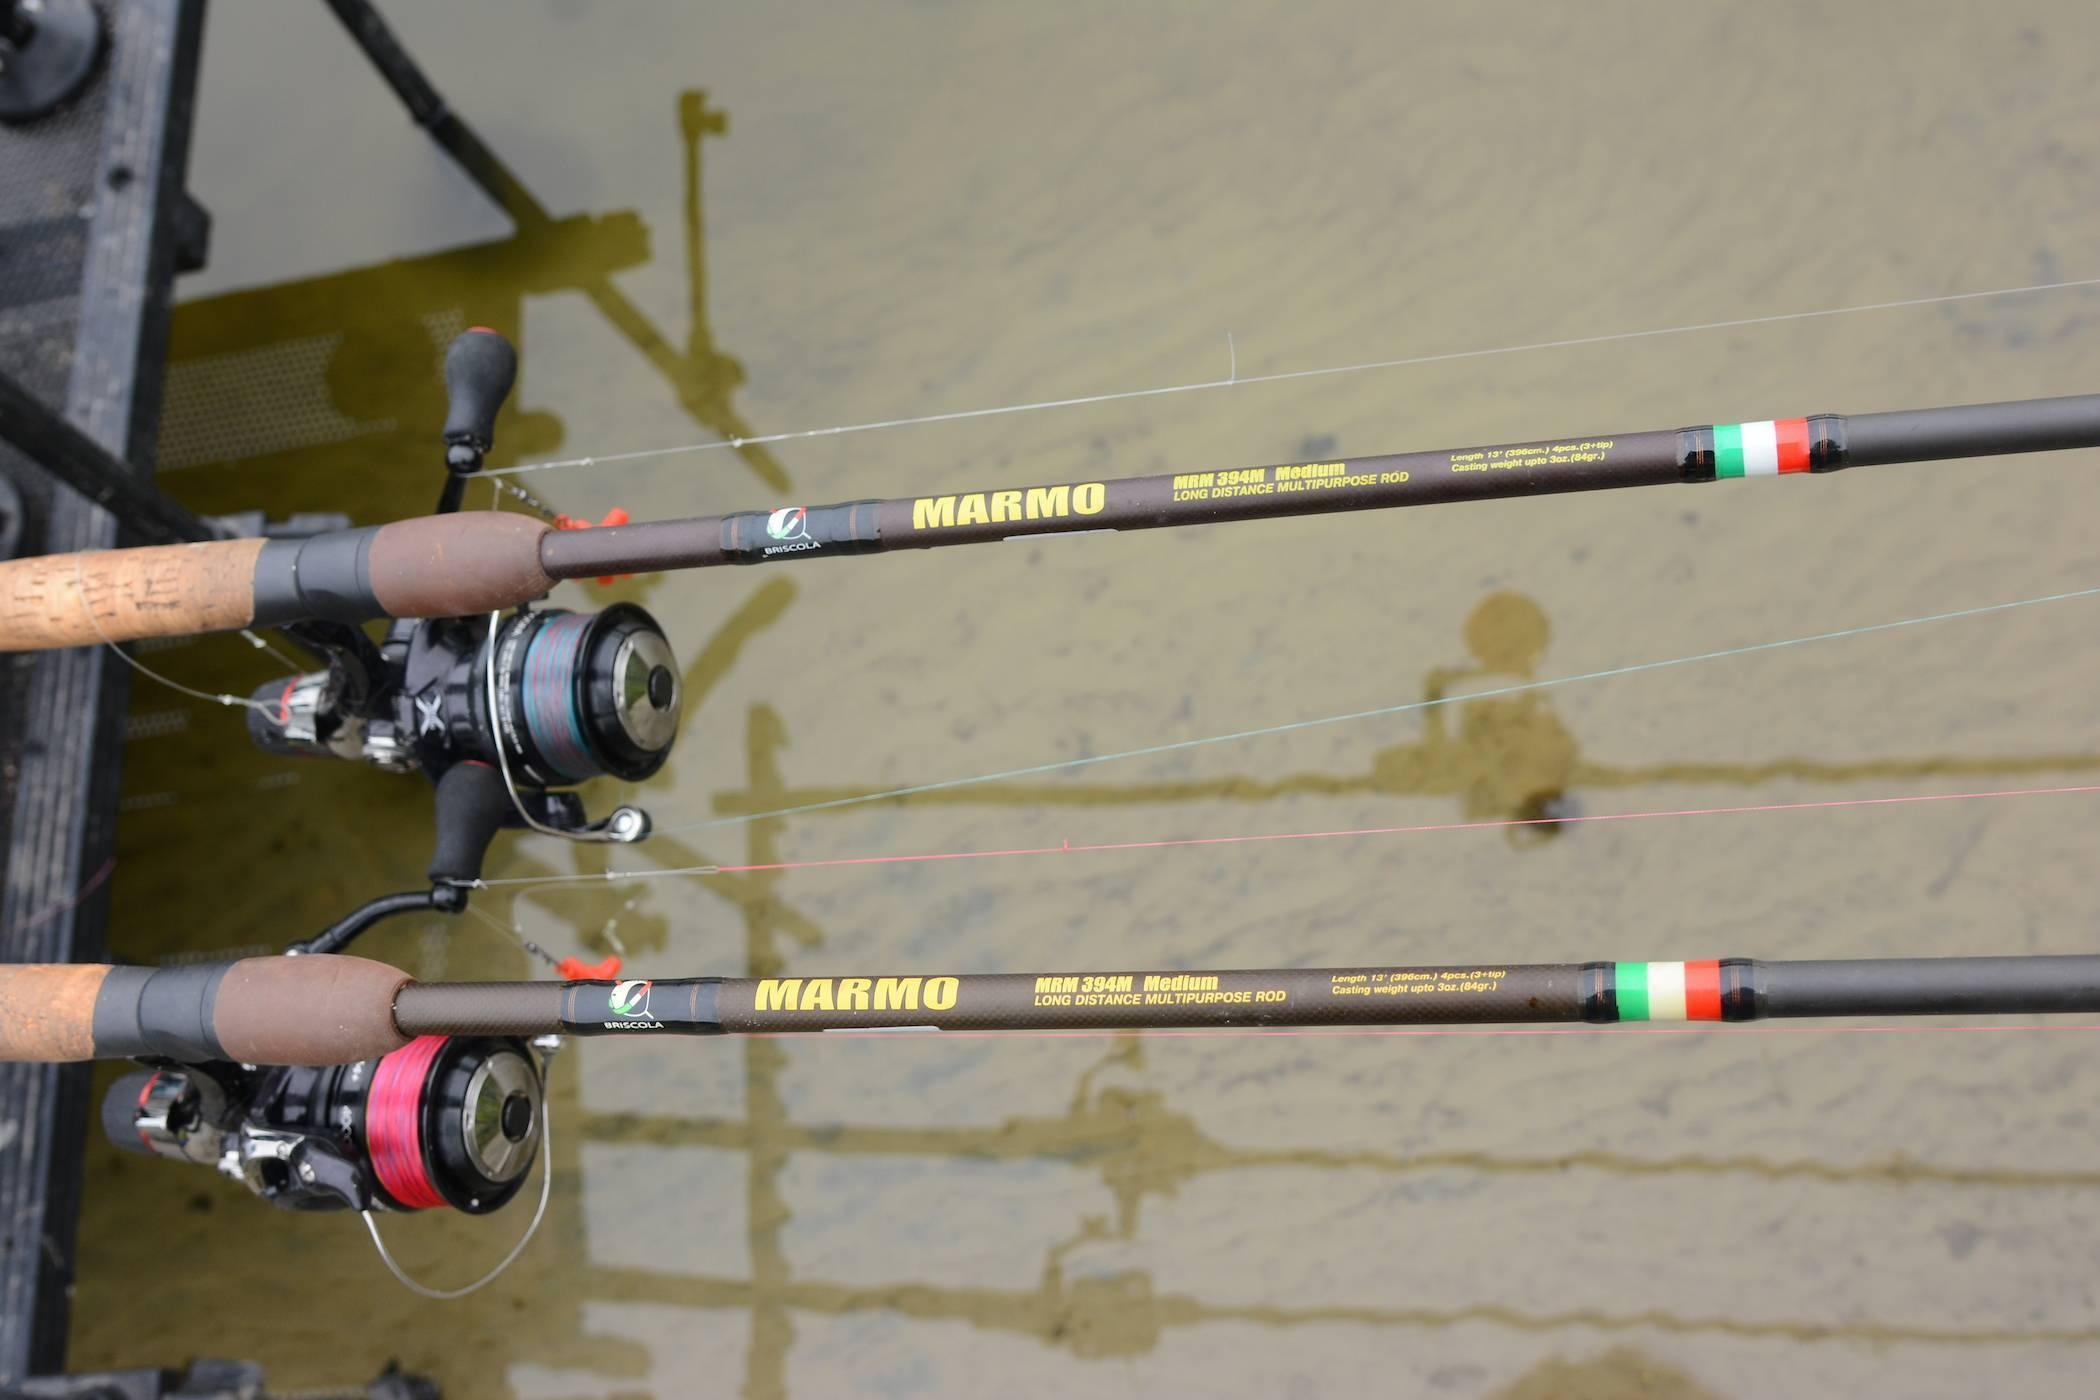 Виды поплавочных удочек для летней рыбалки, их плюсы и минусы